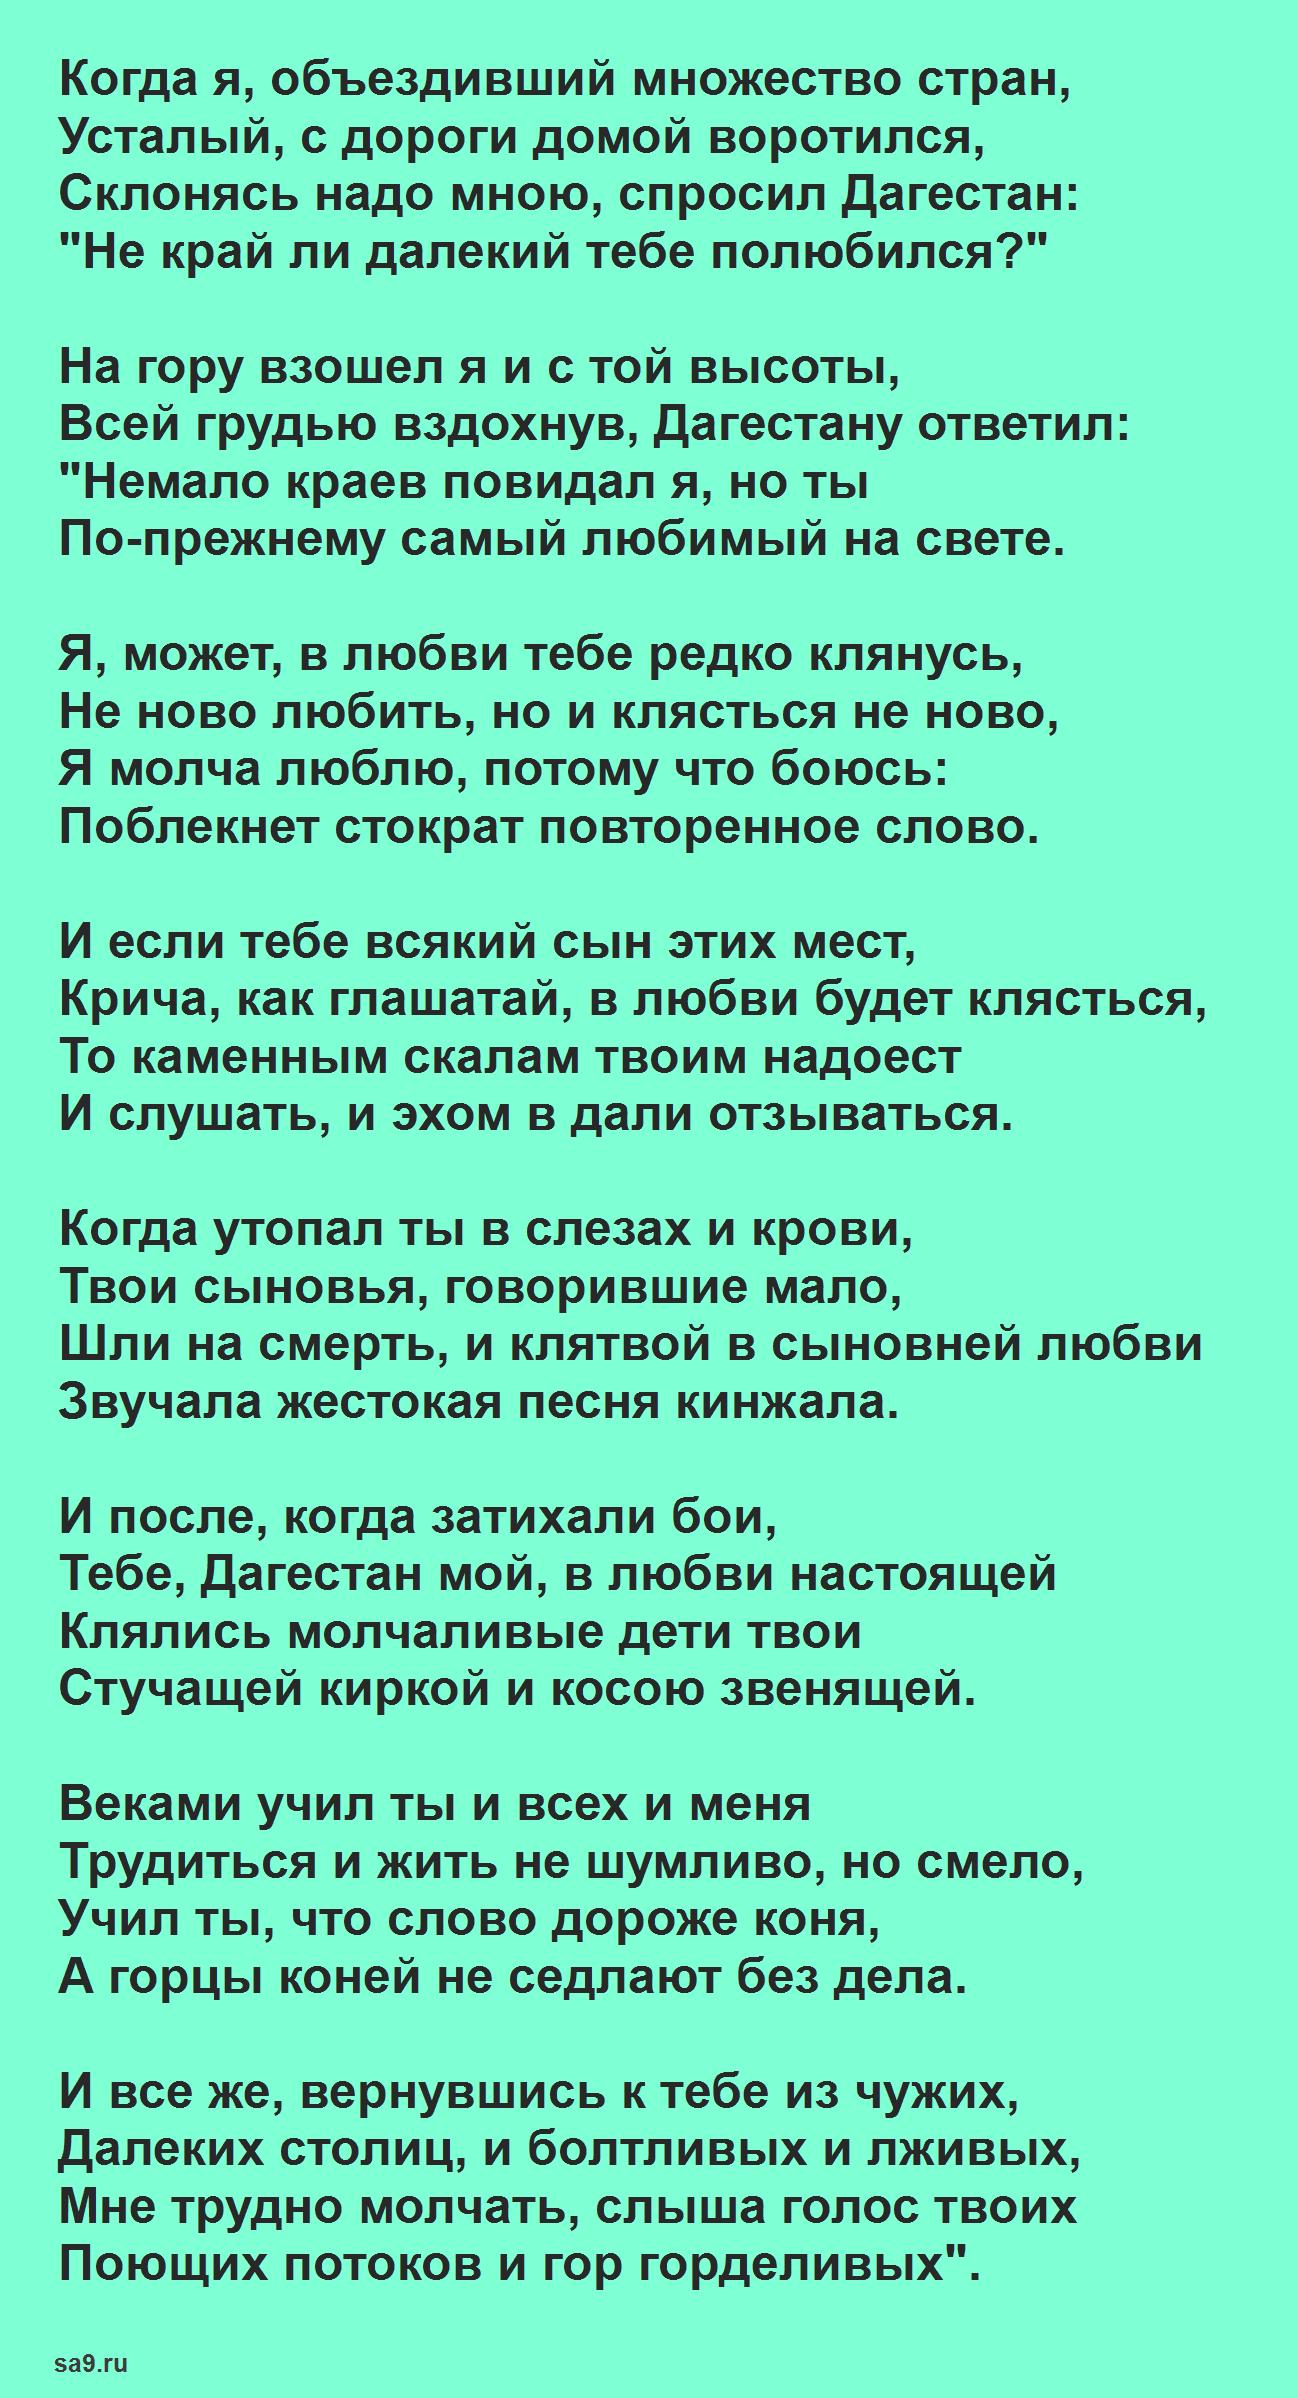 Стихи Расула Гамзатова на русском - Мой Дагестан